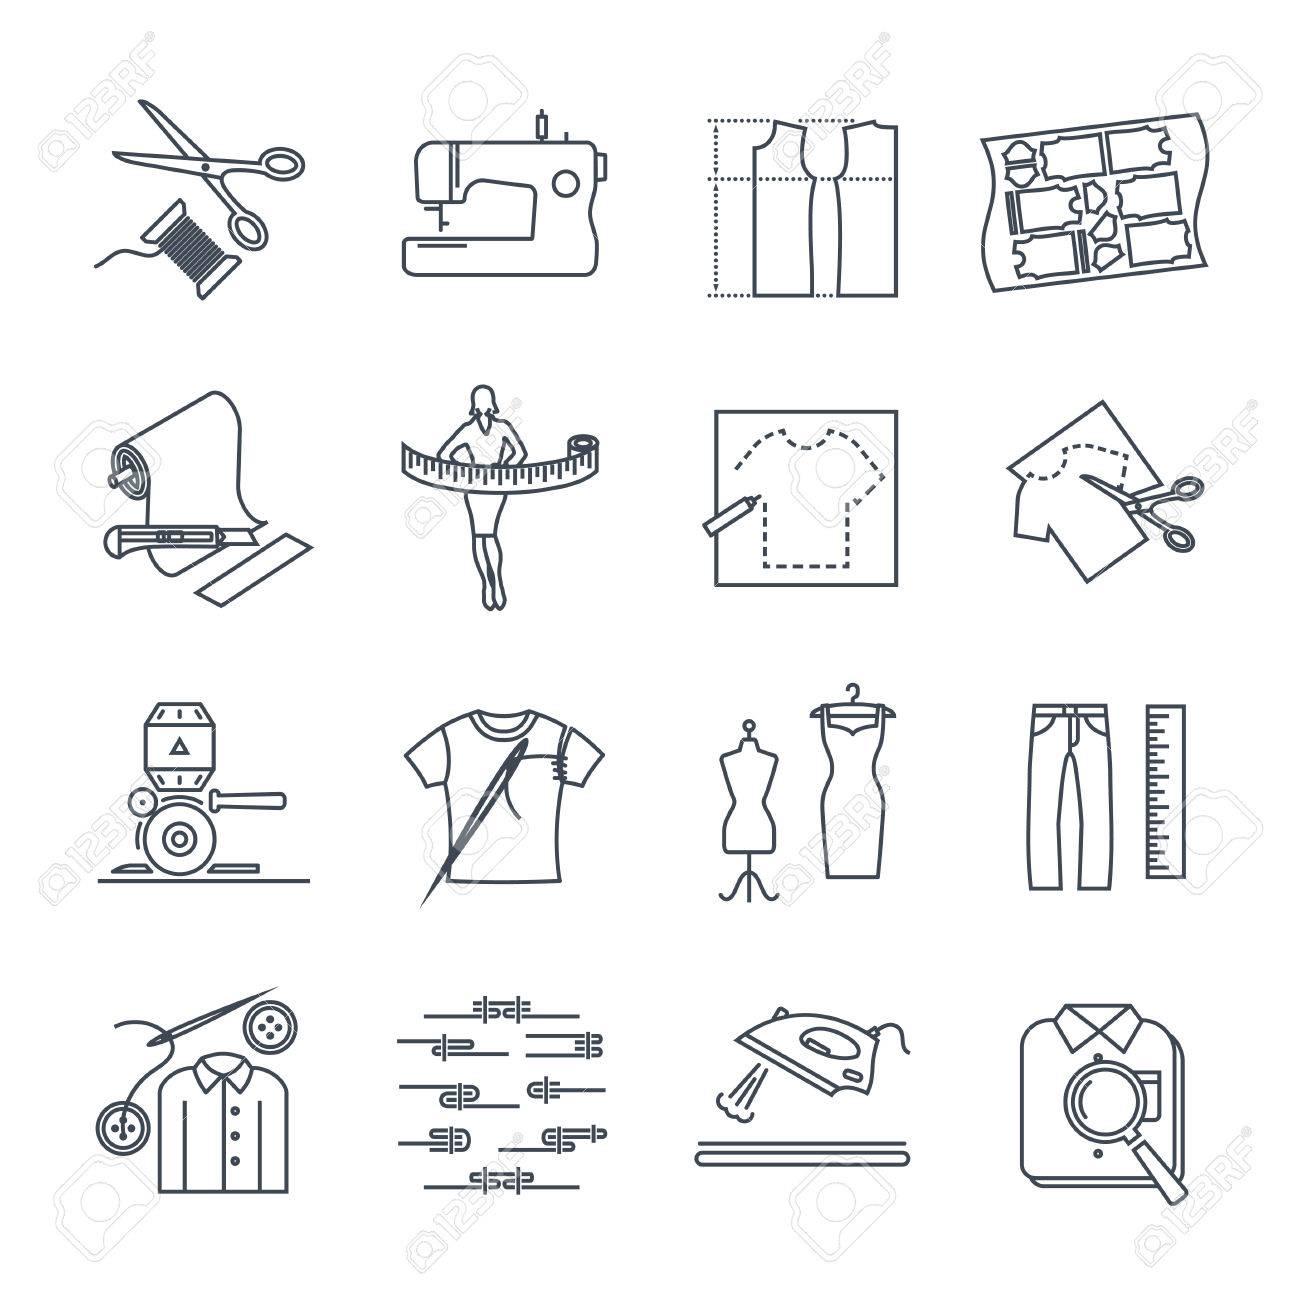 Conjunto De Iconos De Línea Fina Ropa, Ropa, Confección De Ropa ...